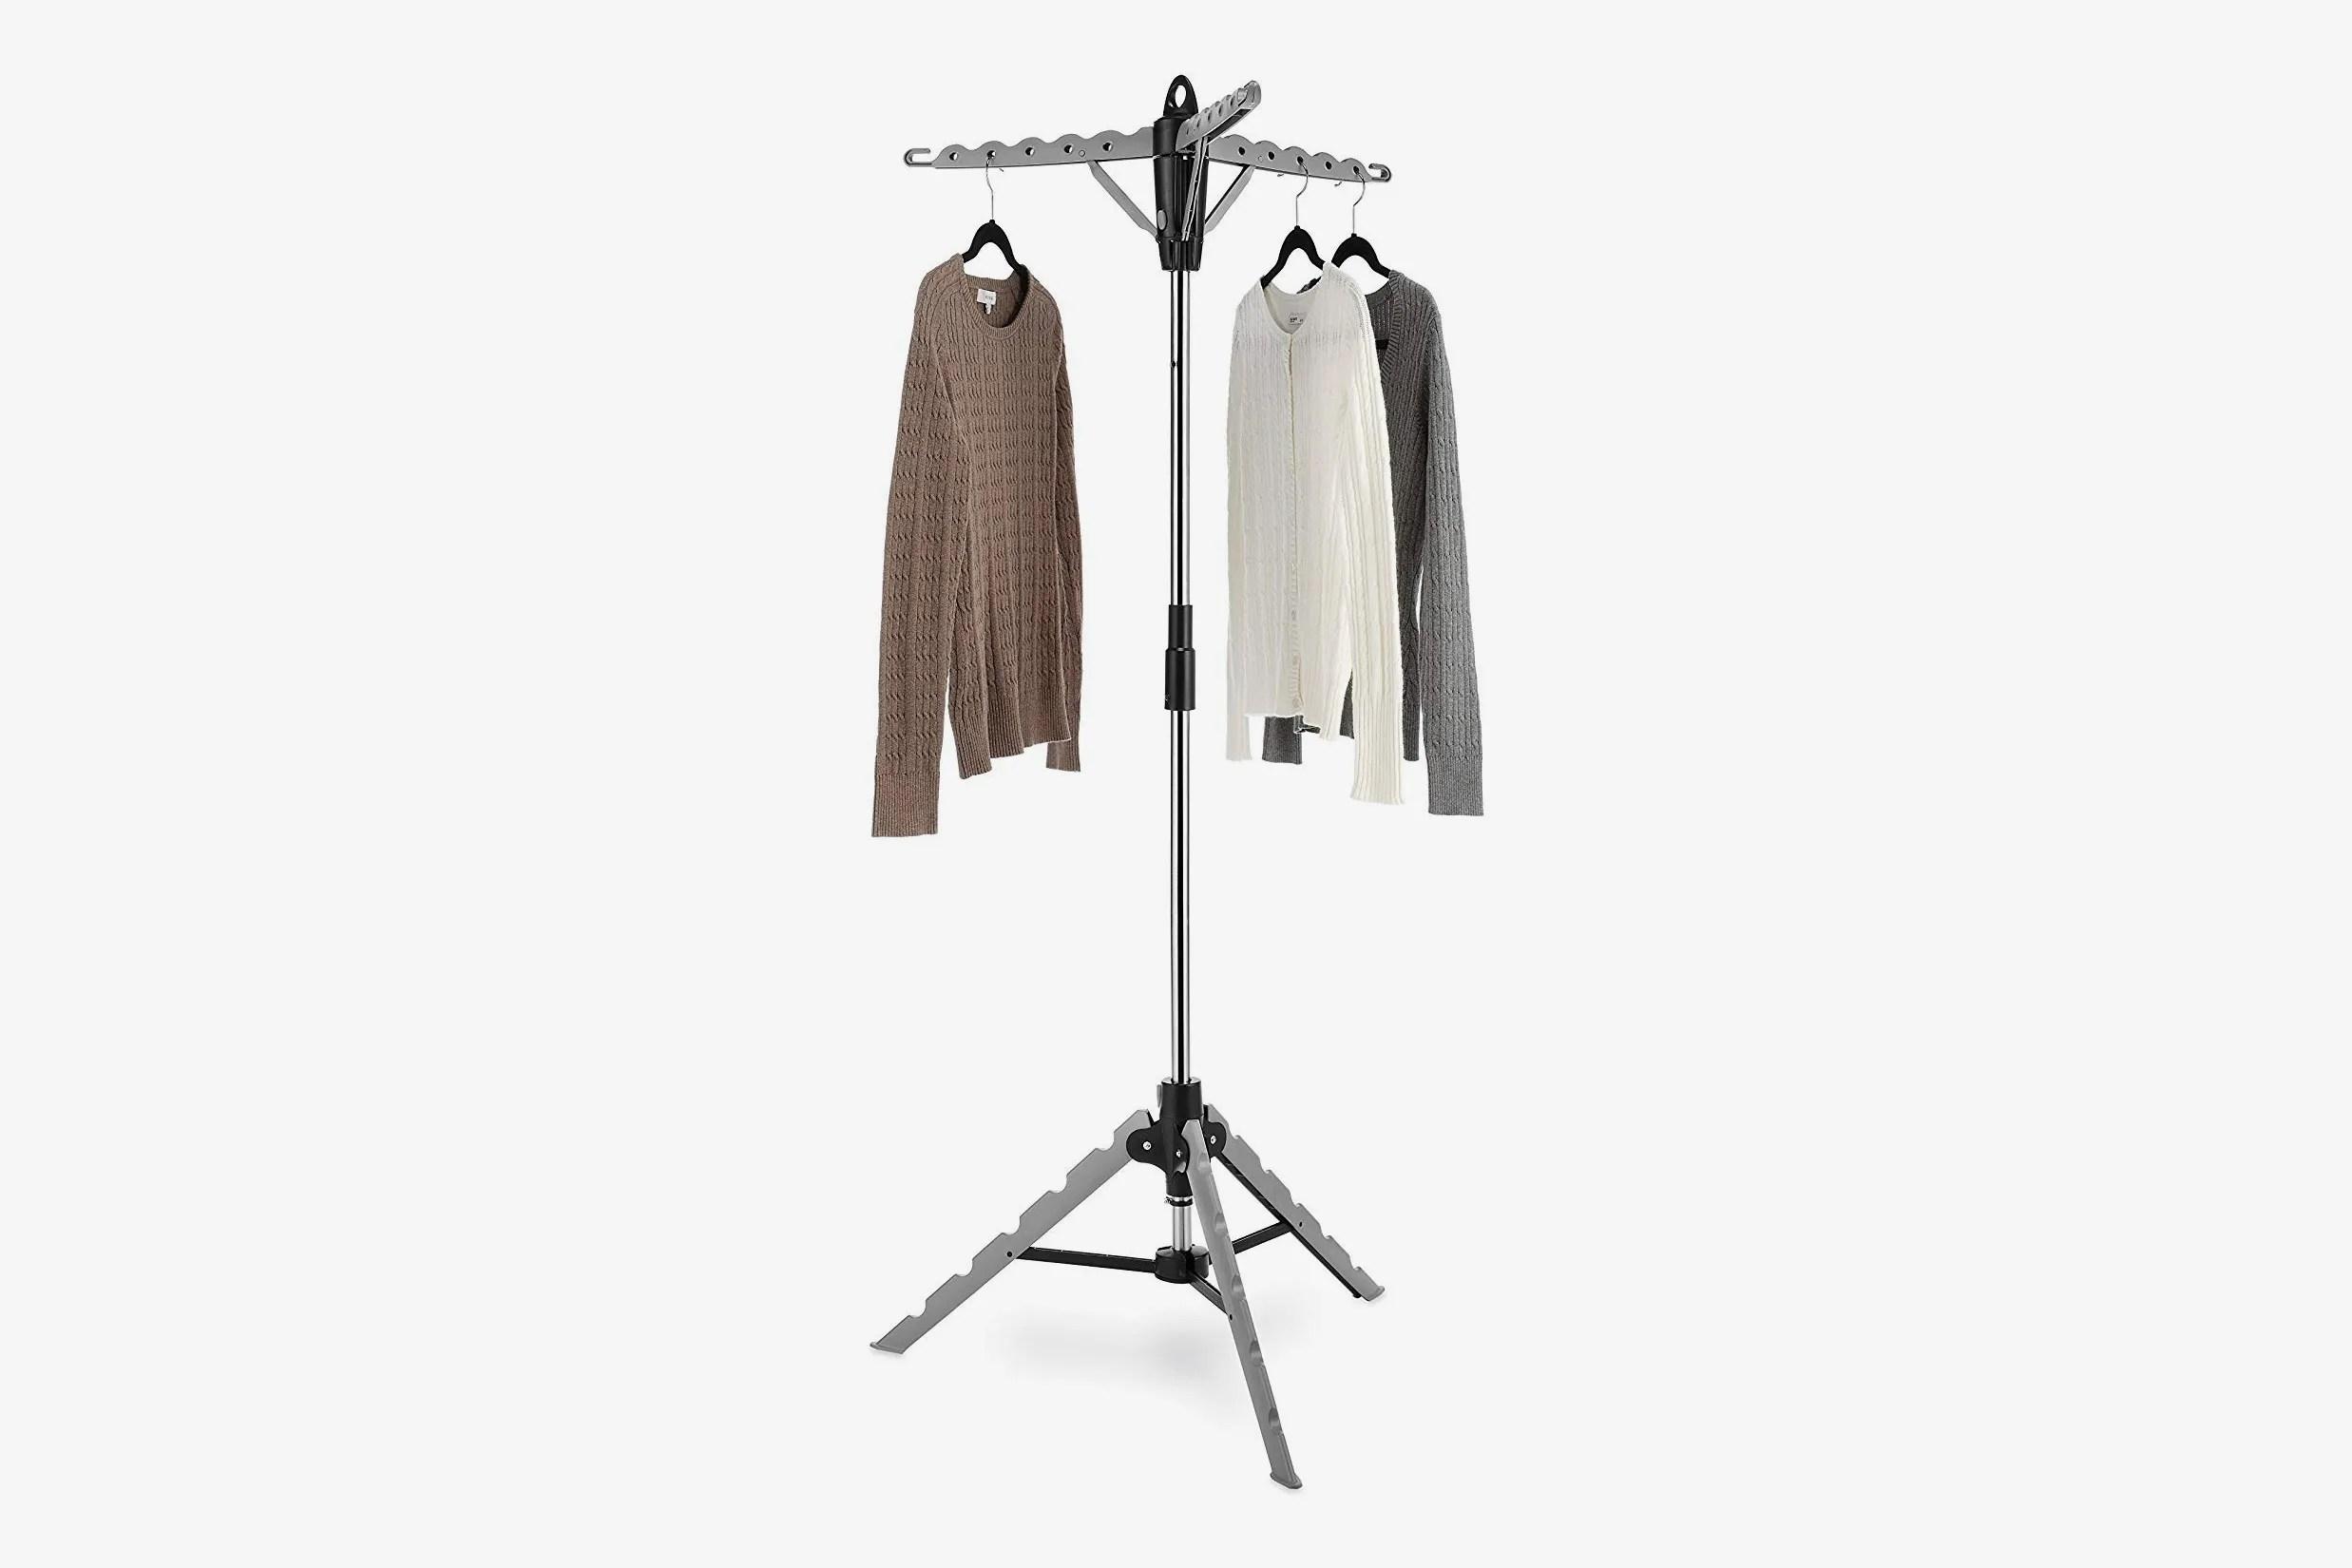 whitmor garment drying rack